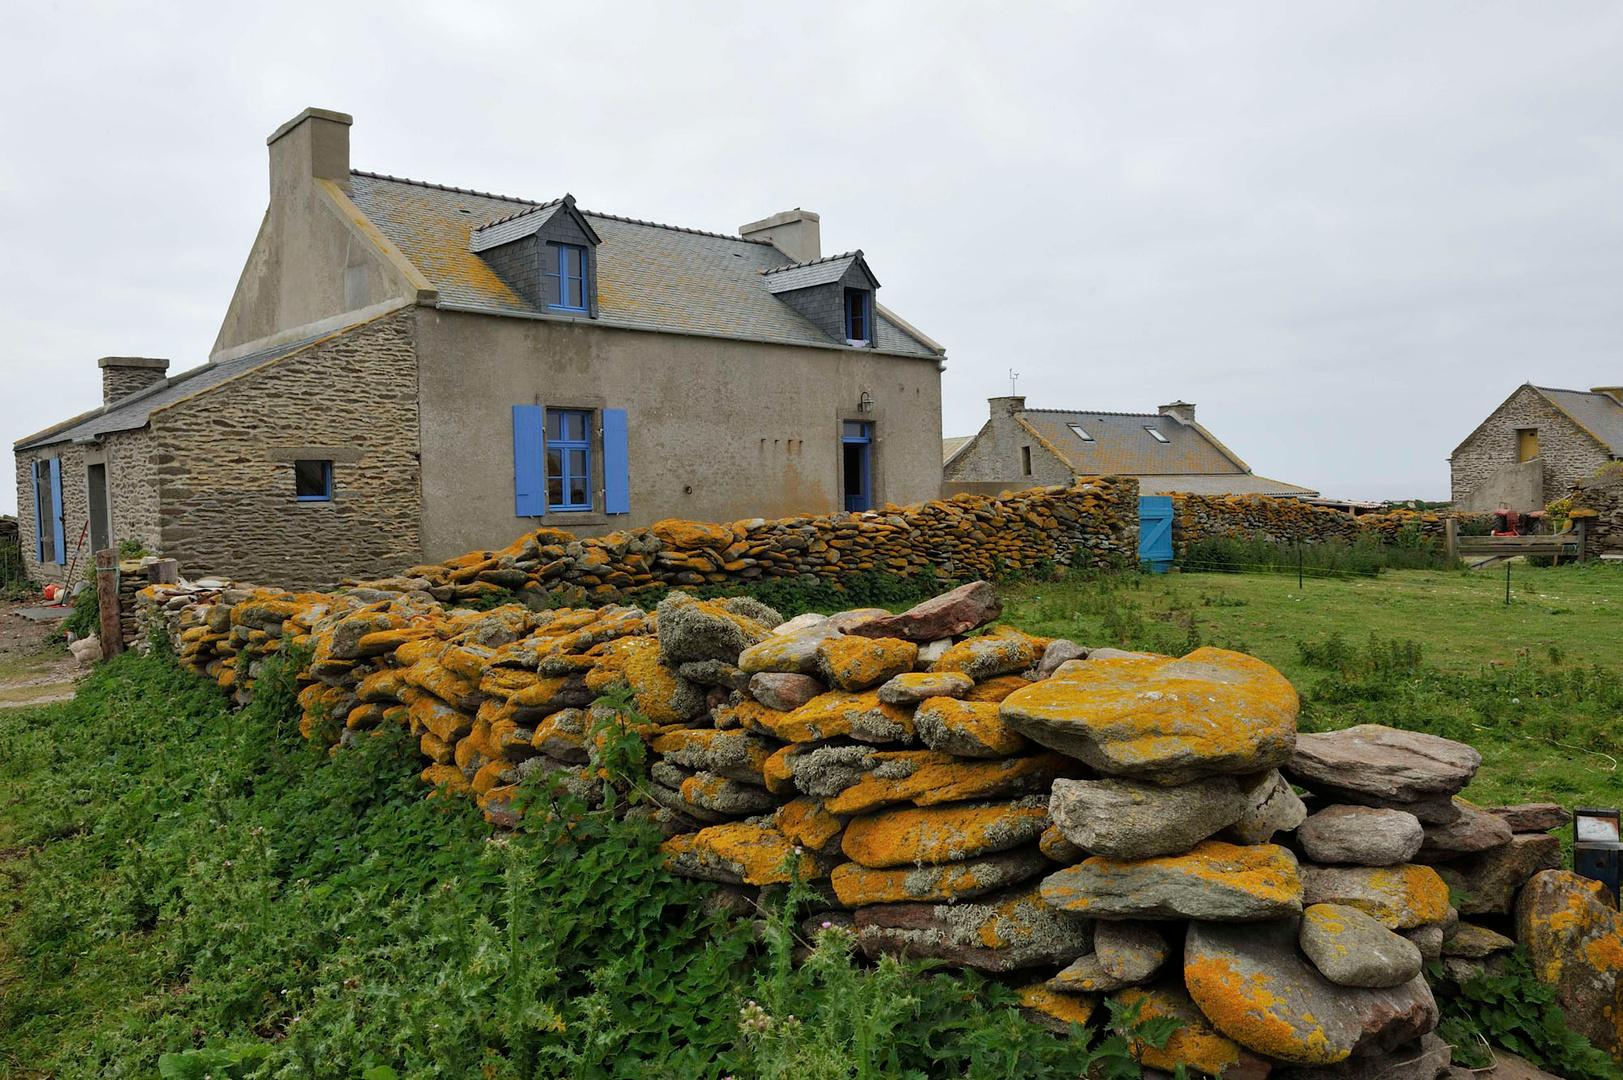 La maison où sont logés les hôtes, une dizaine de personnes au maximum